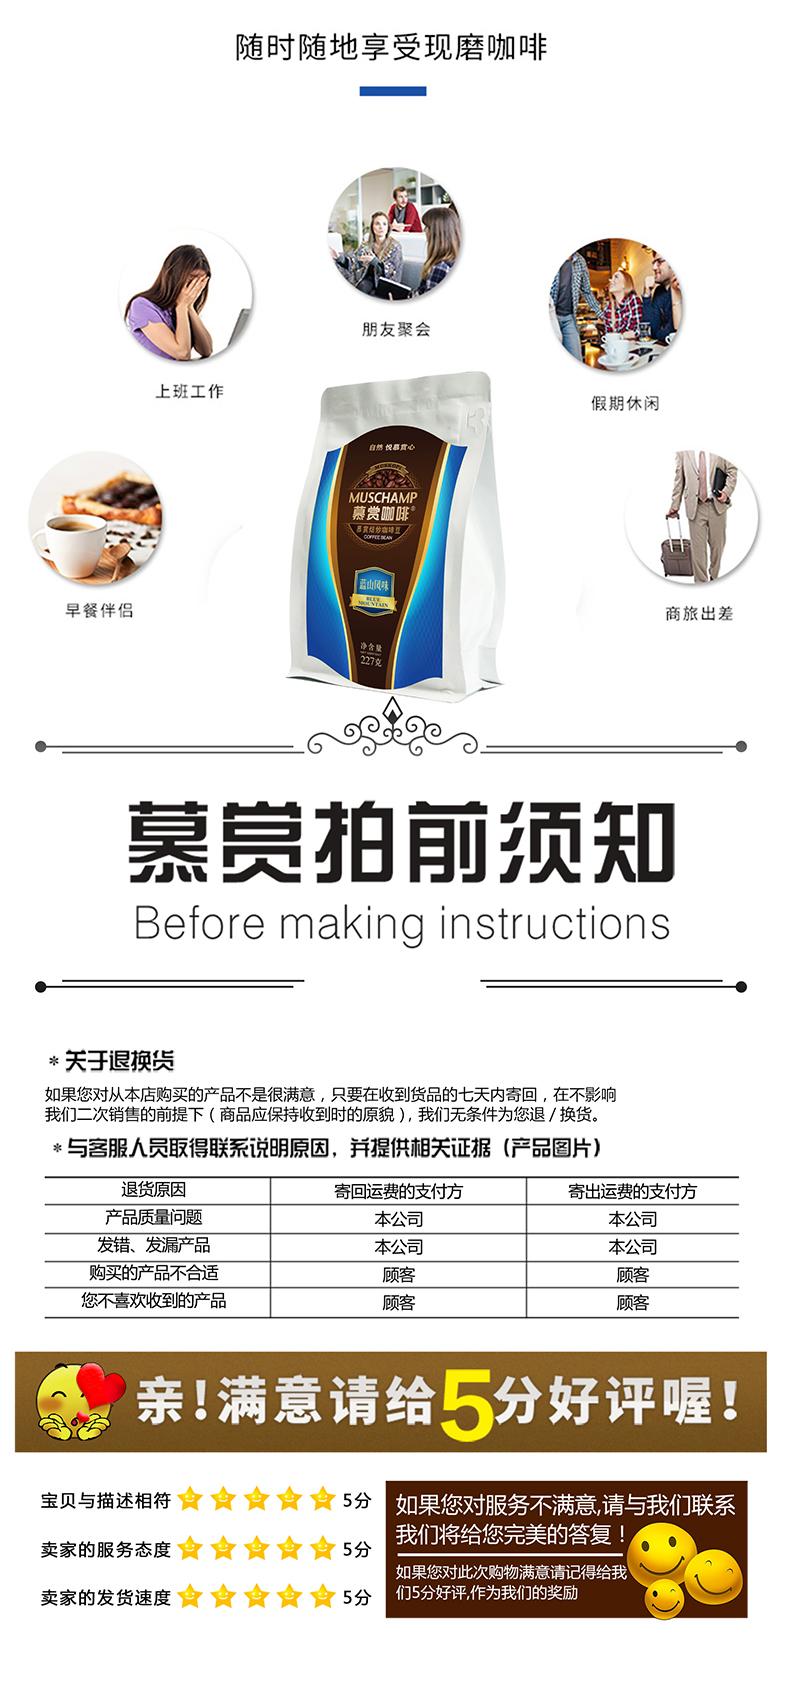 蓝山咖啡豆详情图_06.jpg